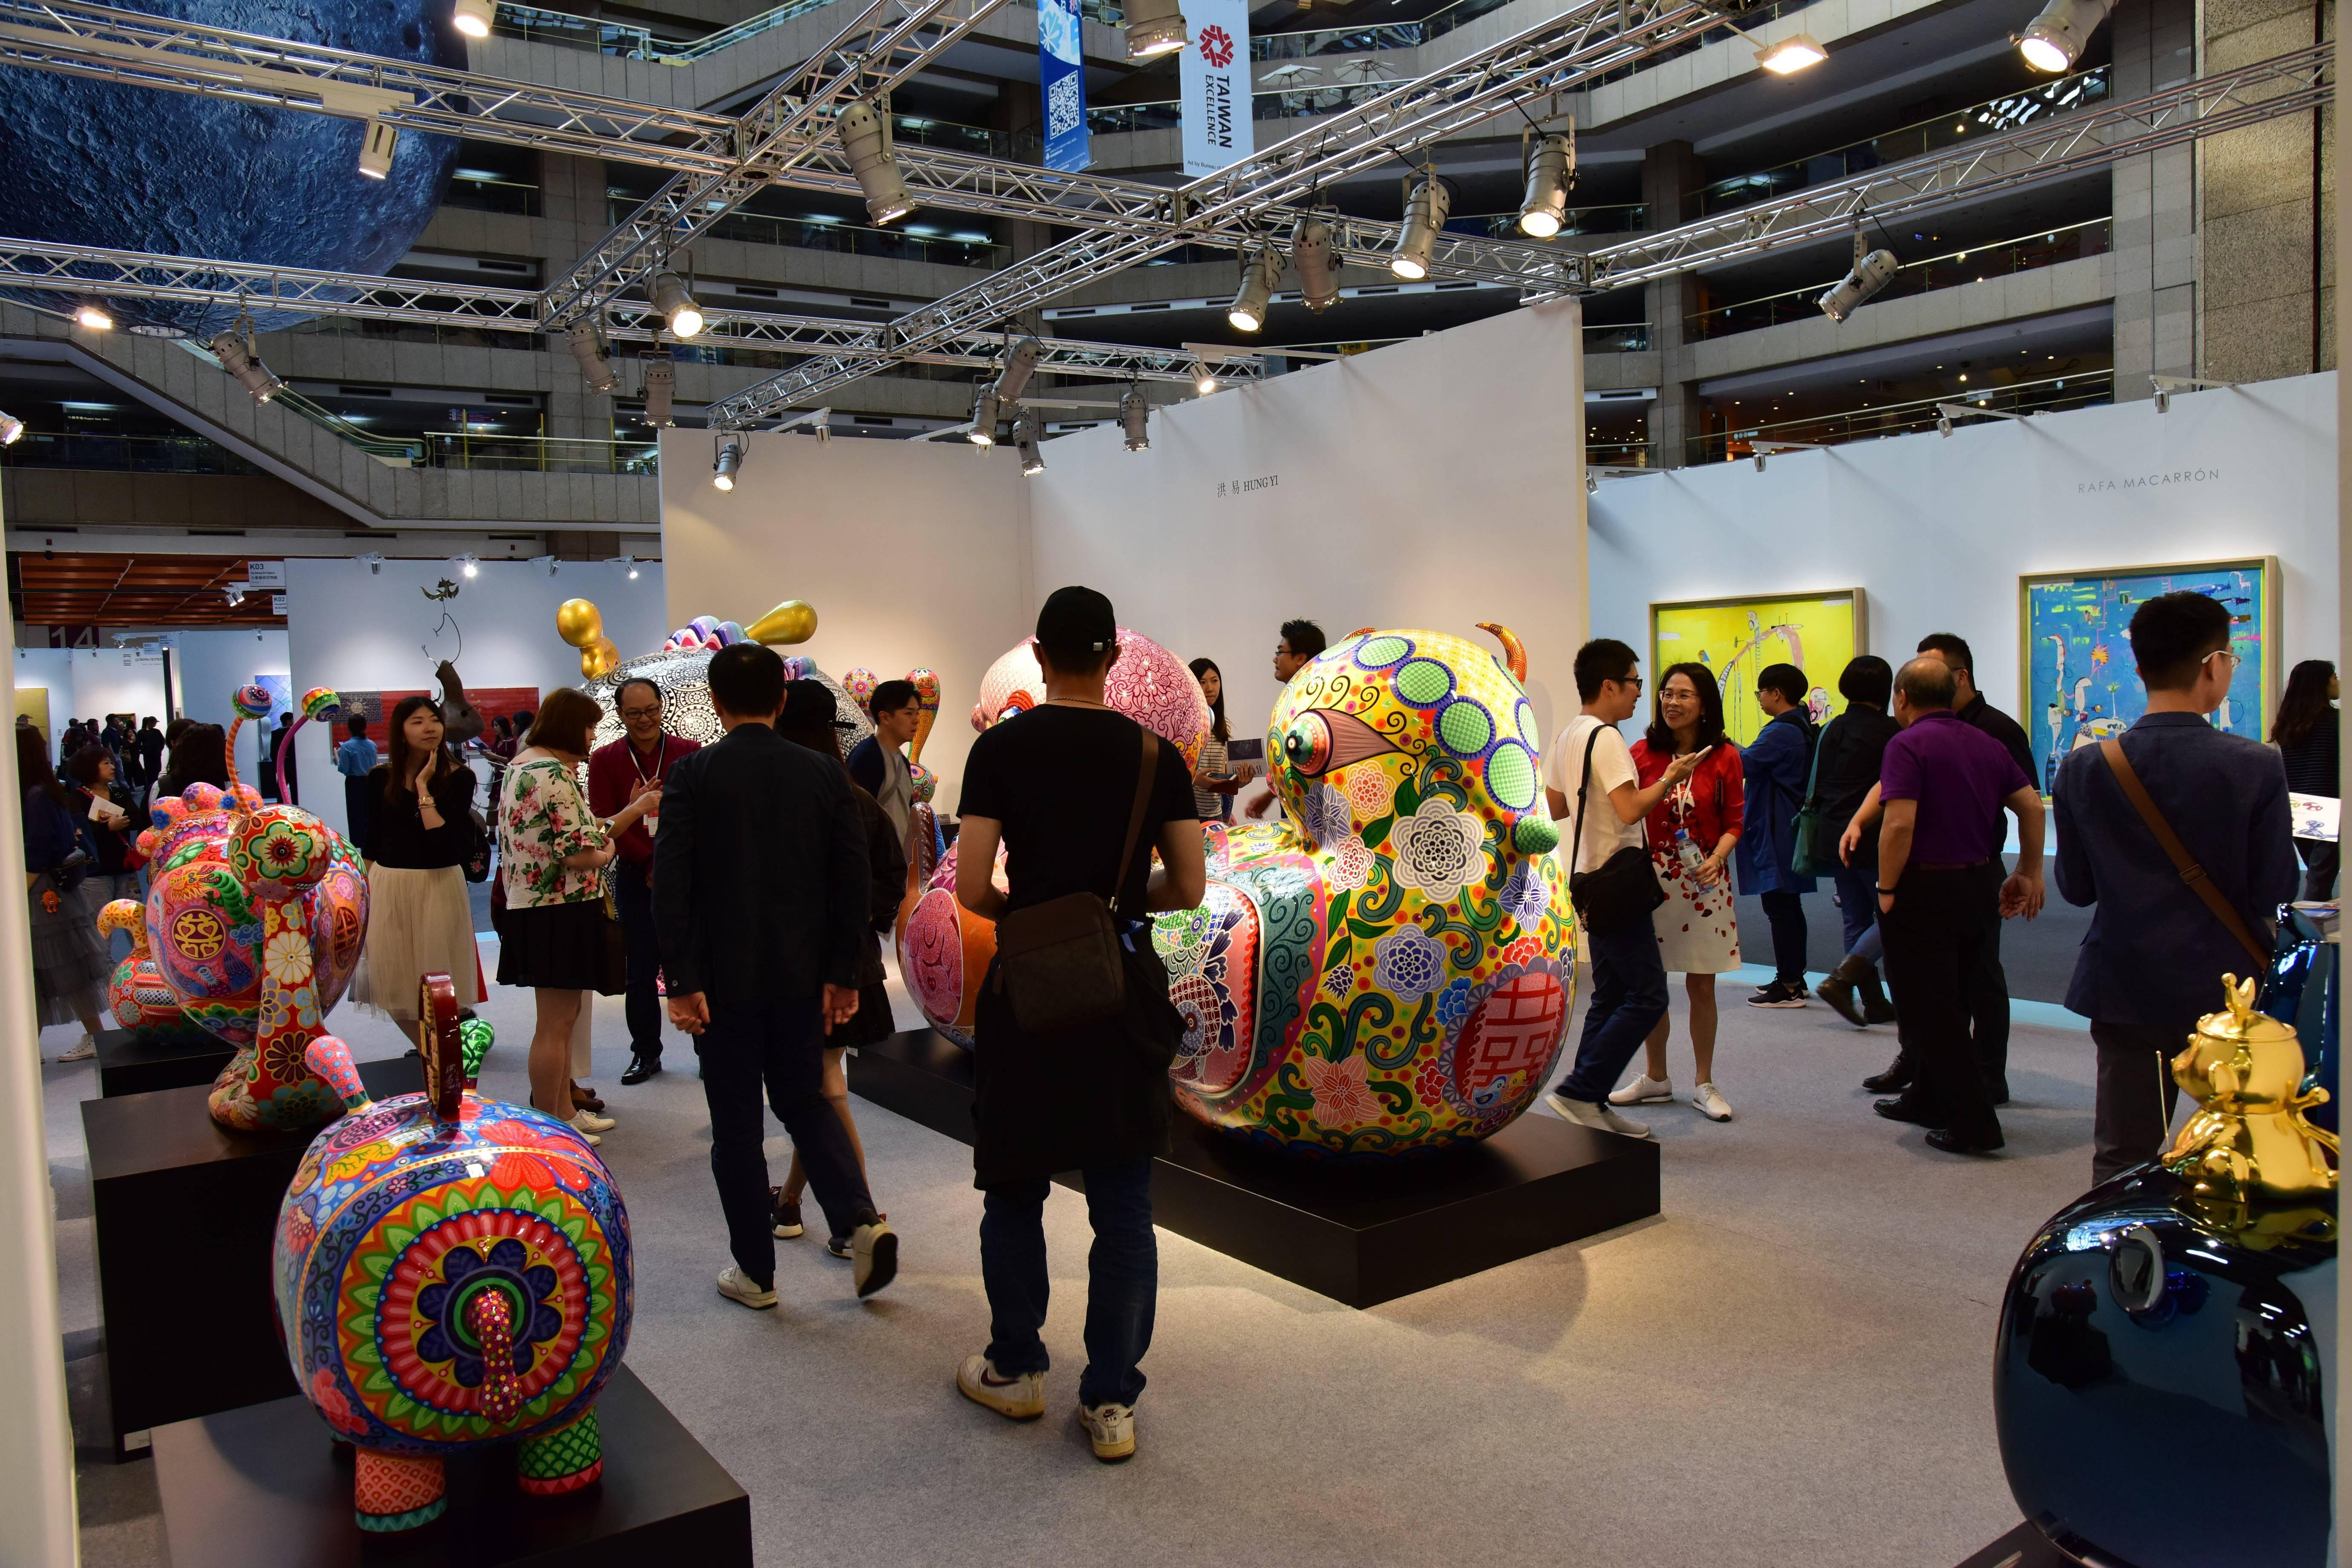 2018台北藝術博覽會現場人潮洶湧、冠蓋雲集